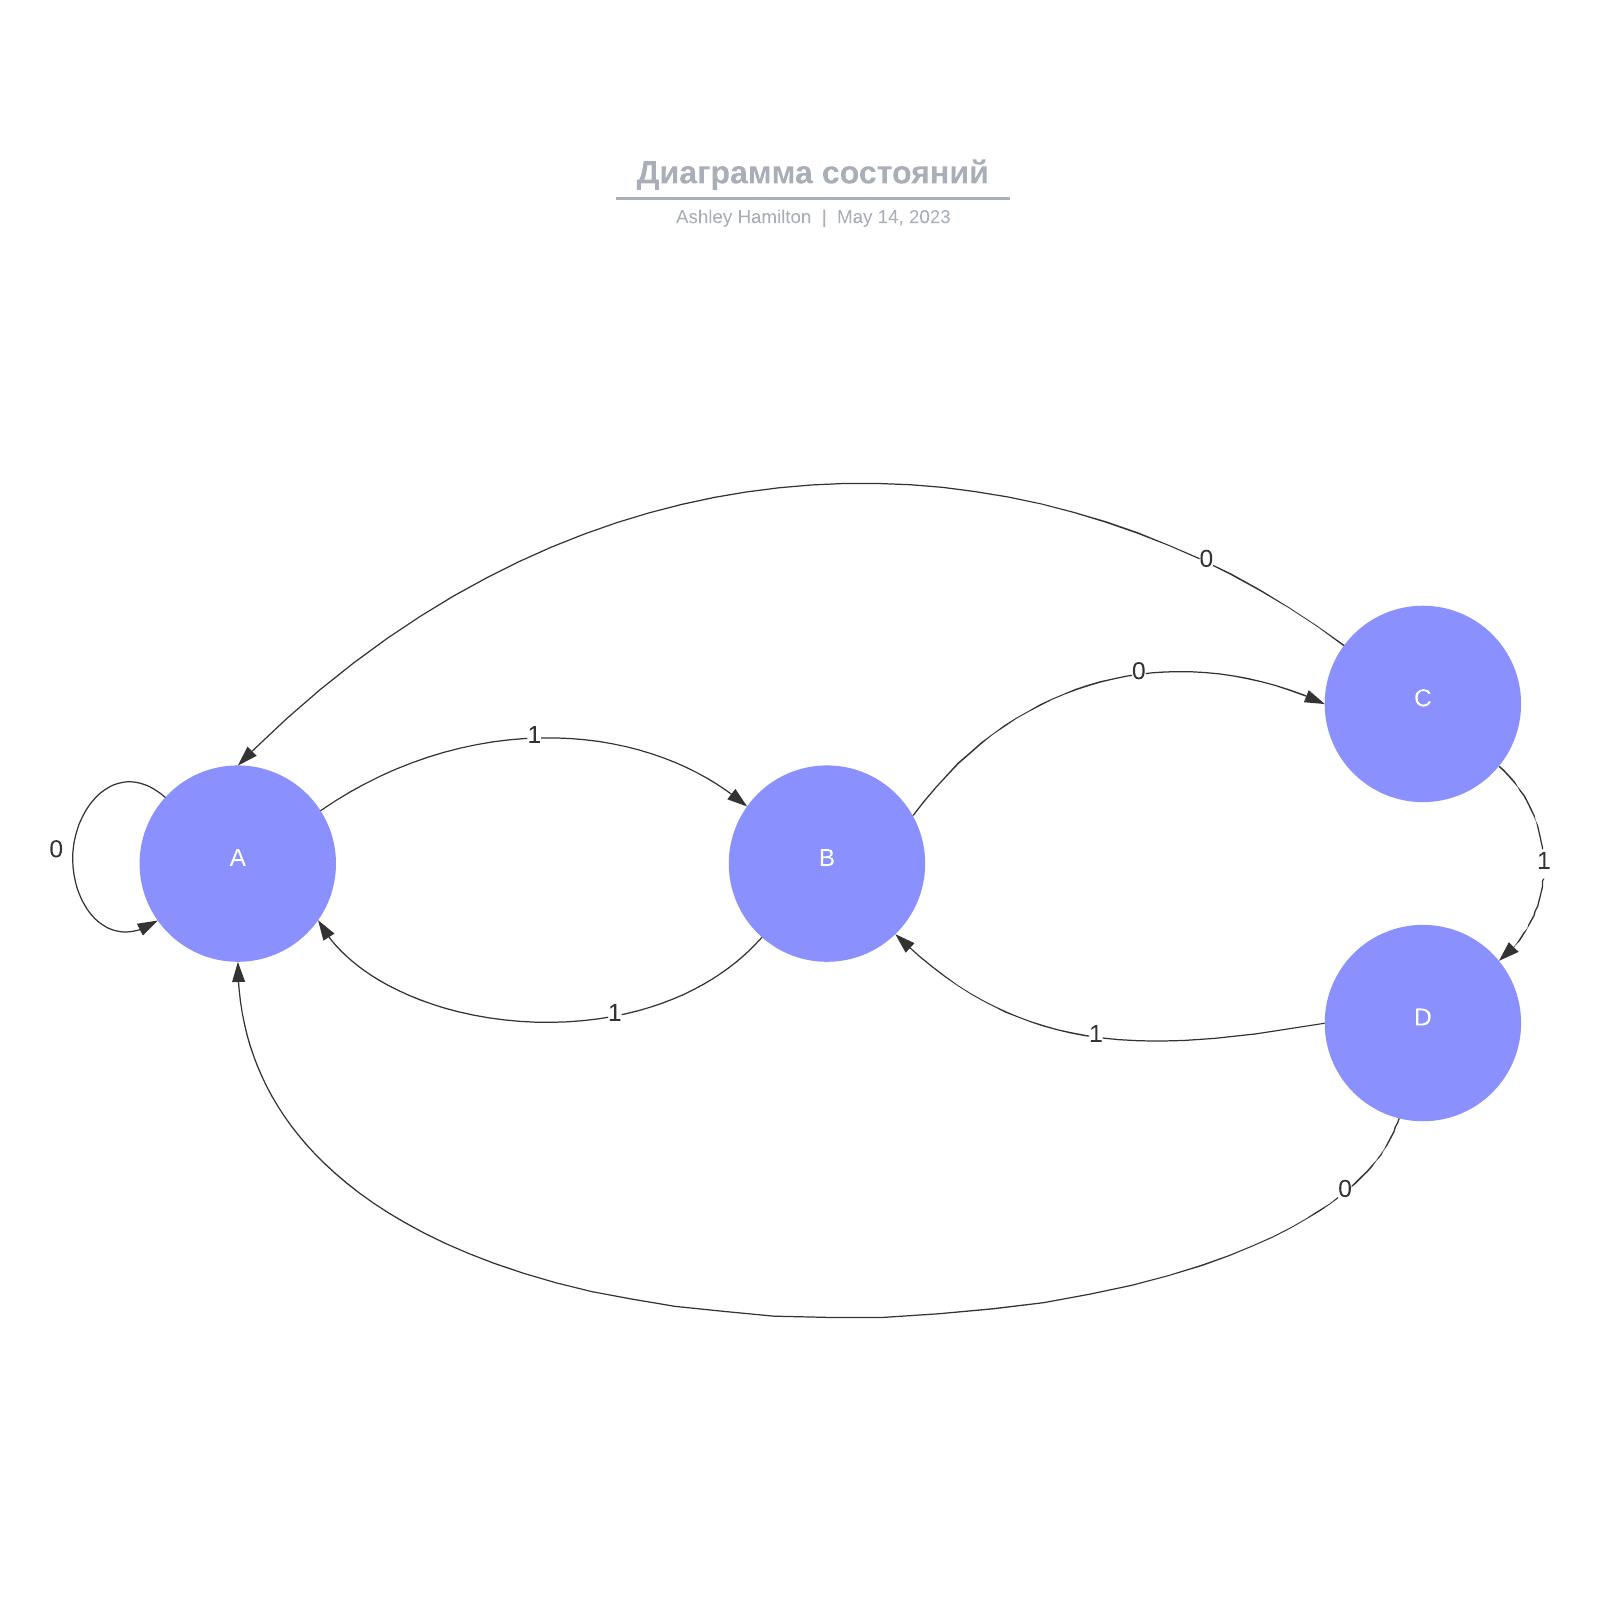 Диаграмма состояний